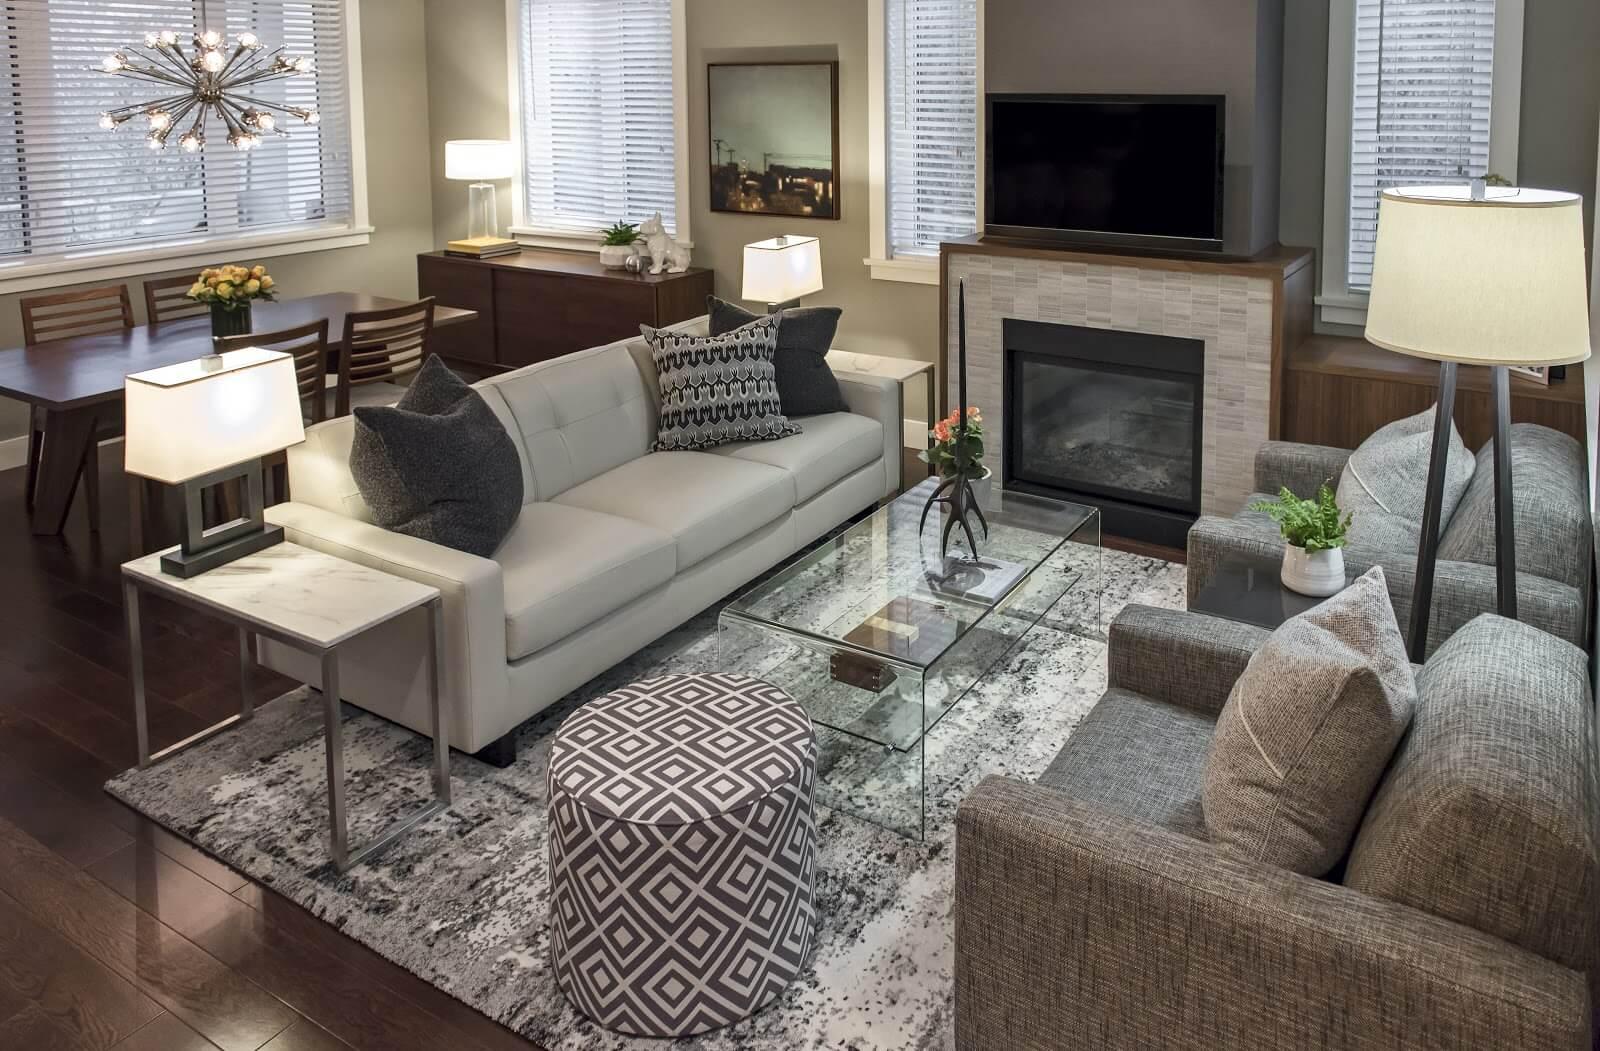 furnishing plan